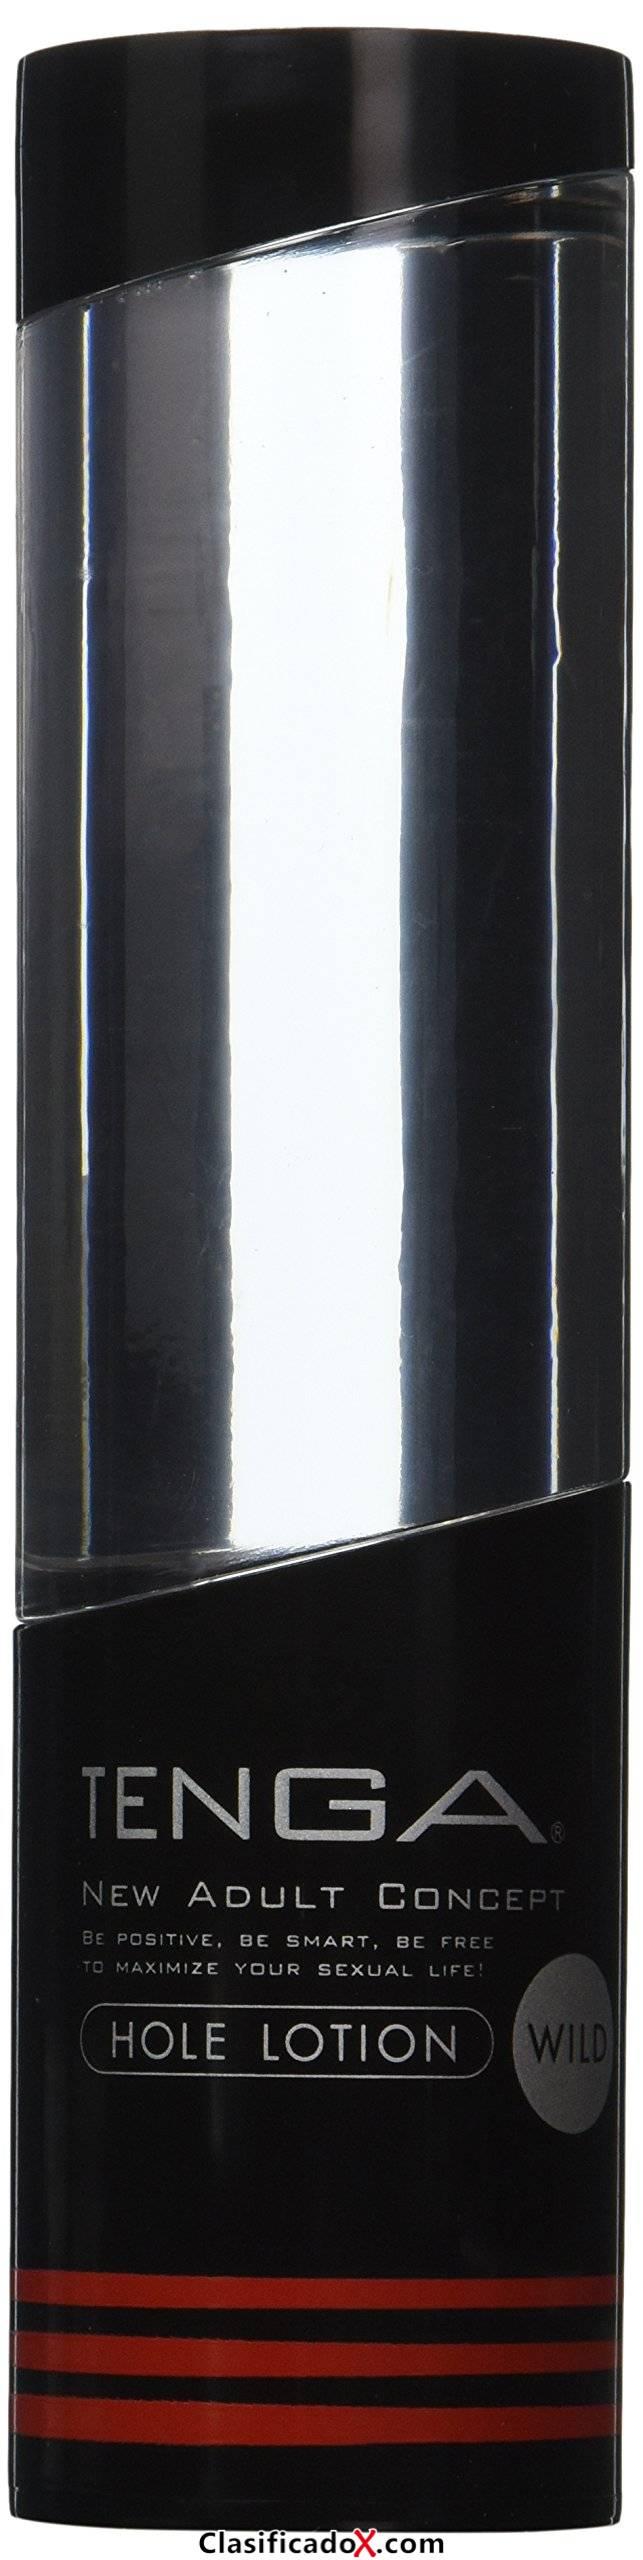 Tenga Loción Wild, Lubricante Masturbador, 4.4 x 17.7 x 4.4 cm, Color Transparente / Negro - 170 ml. Envíos a Las Palmas